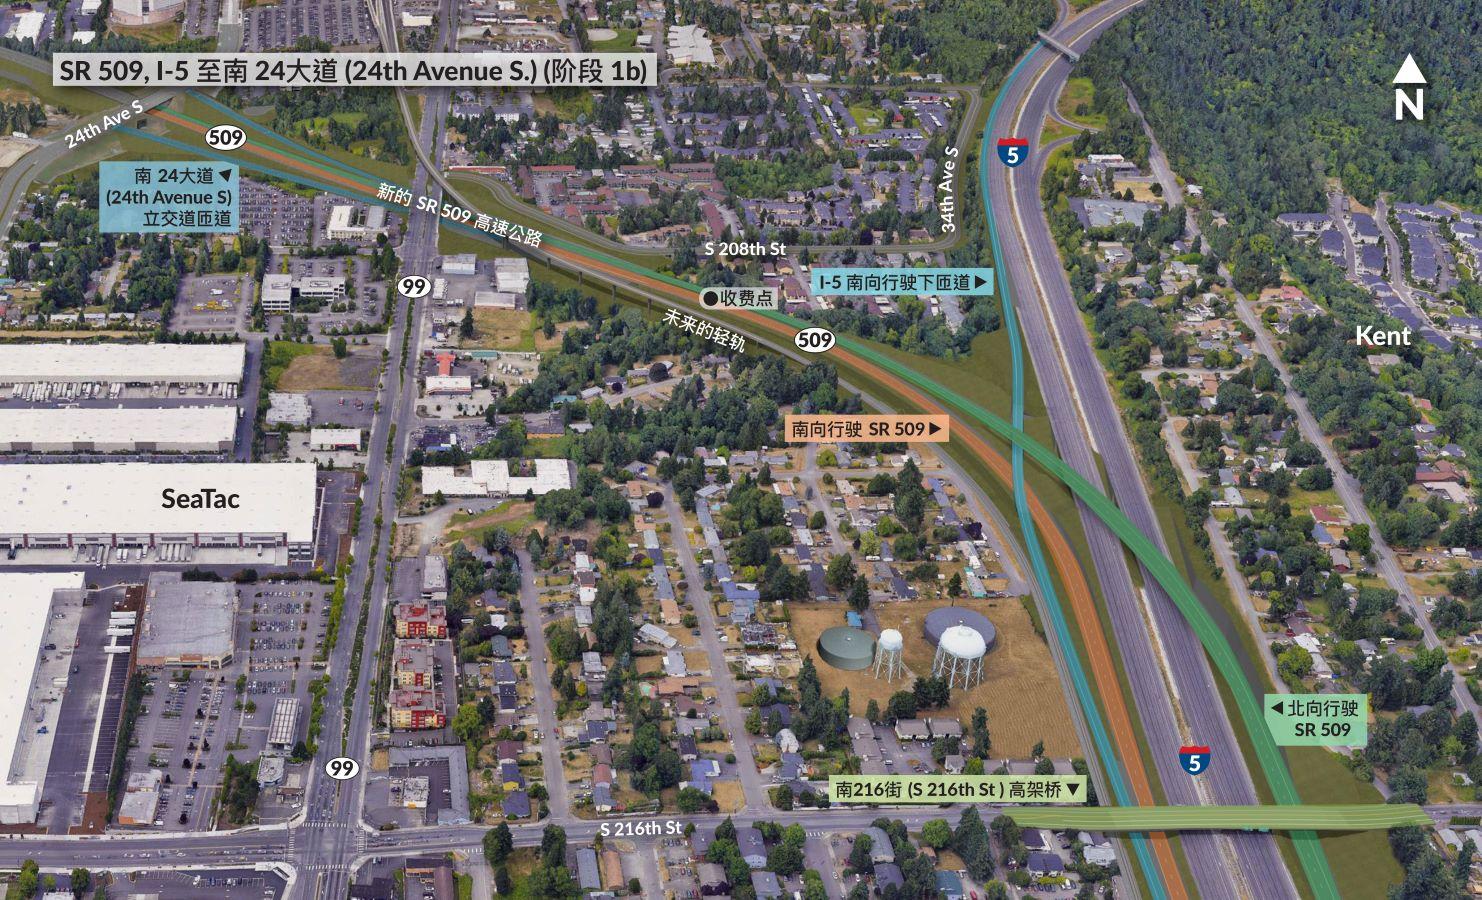 SR 509高速公路和匝道将与配送中心和仓库建立新连接